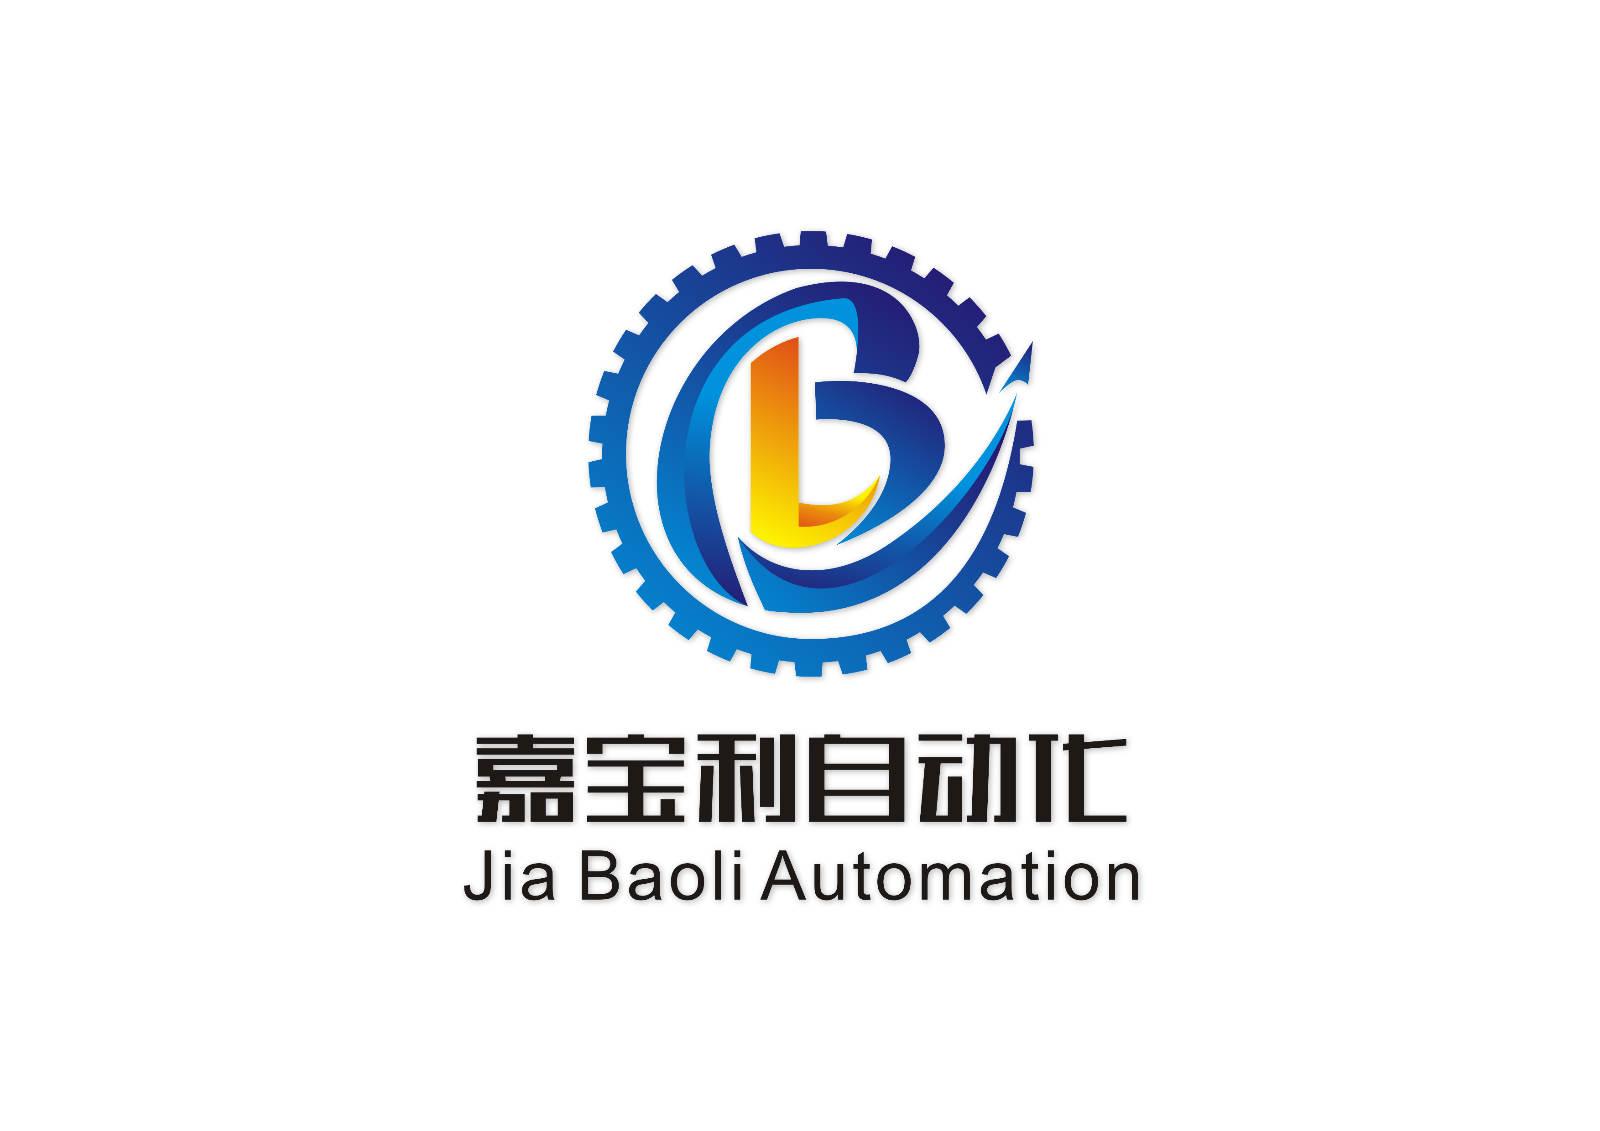 宁波嘉宝利自动化设备有限公司